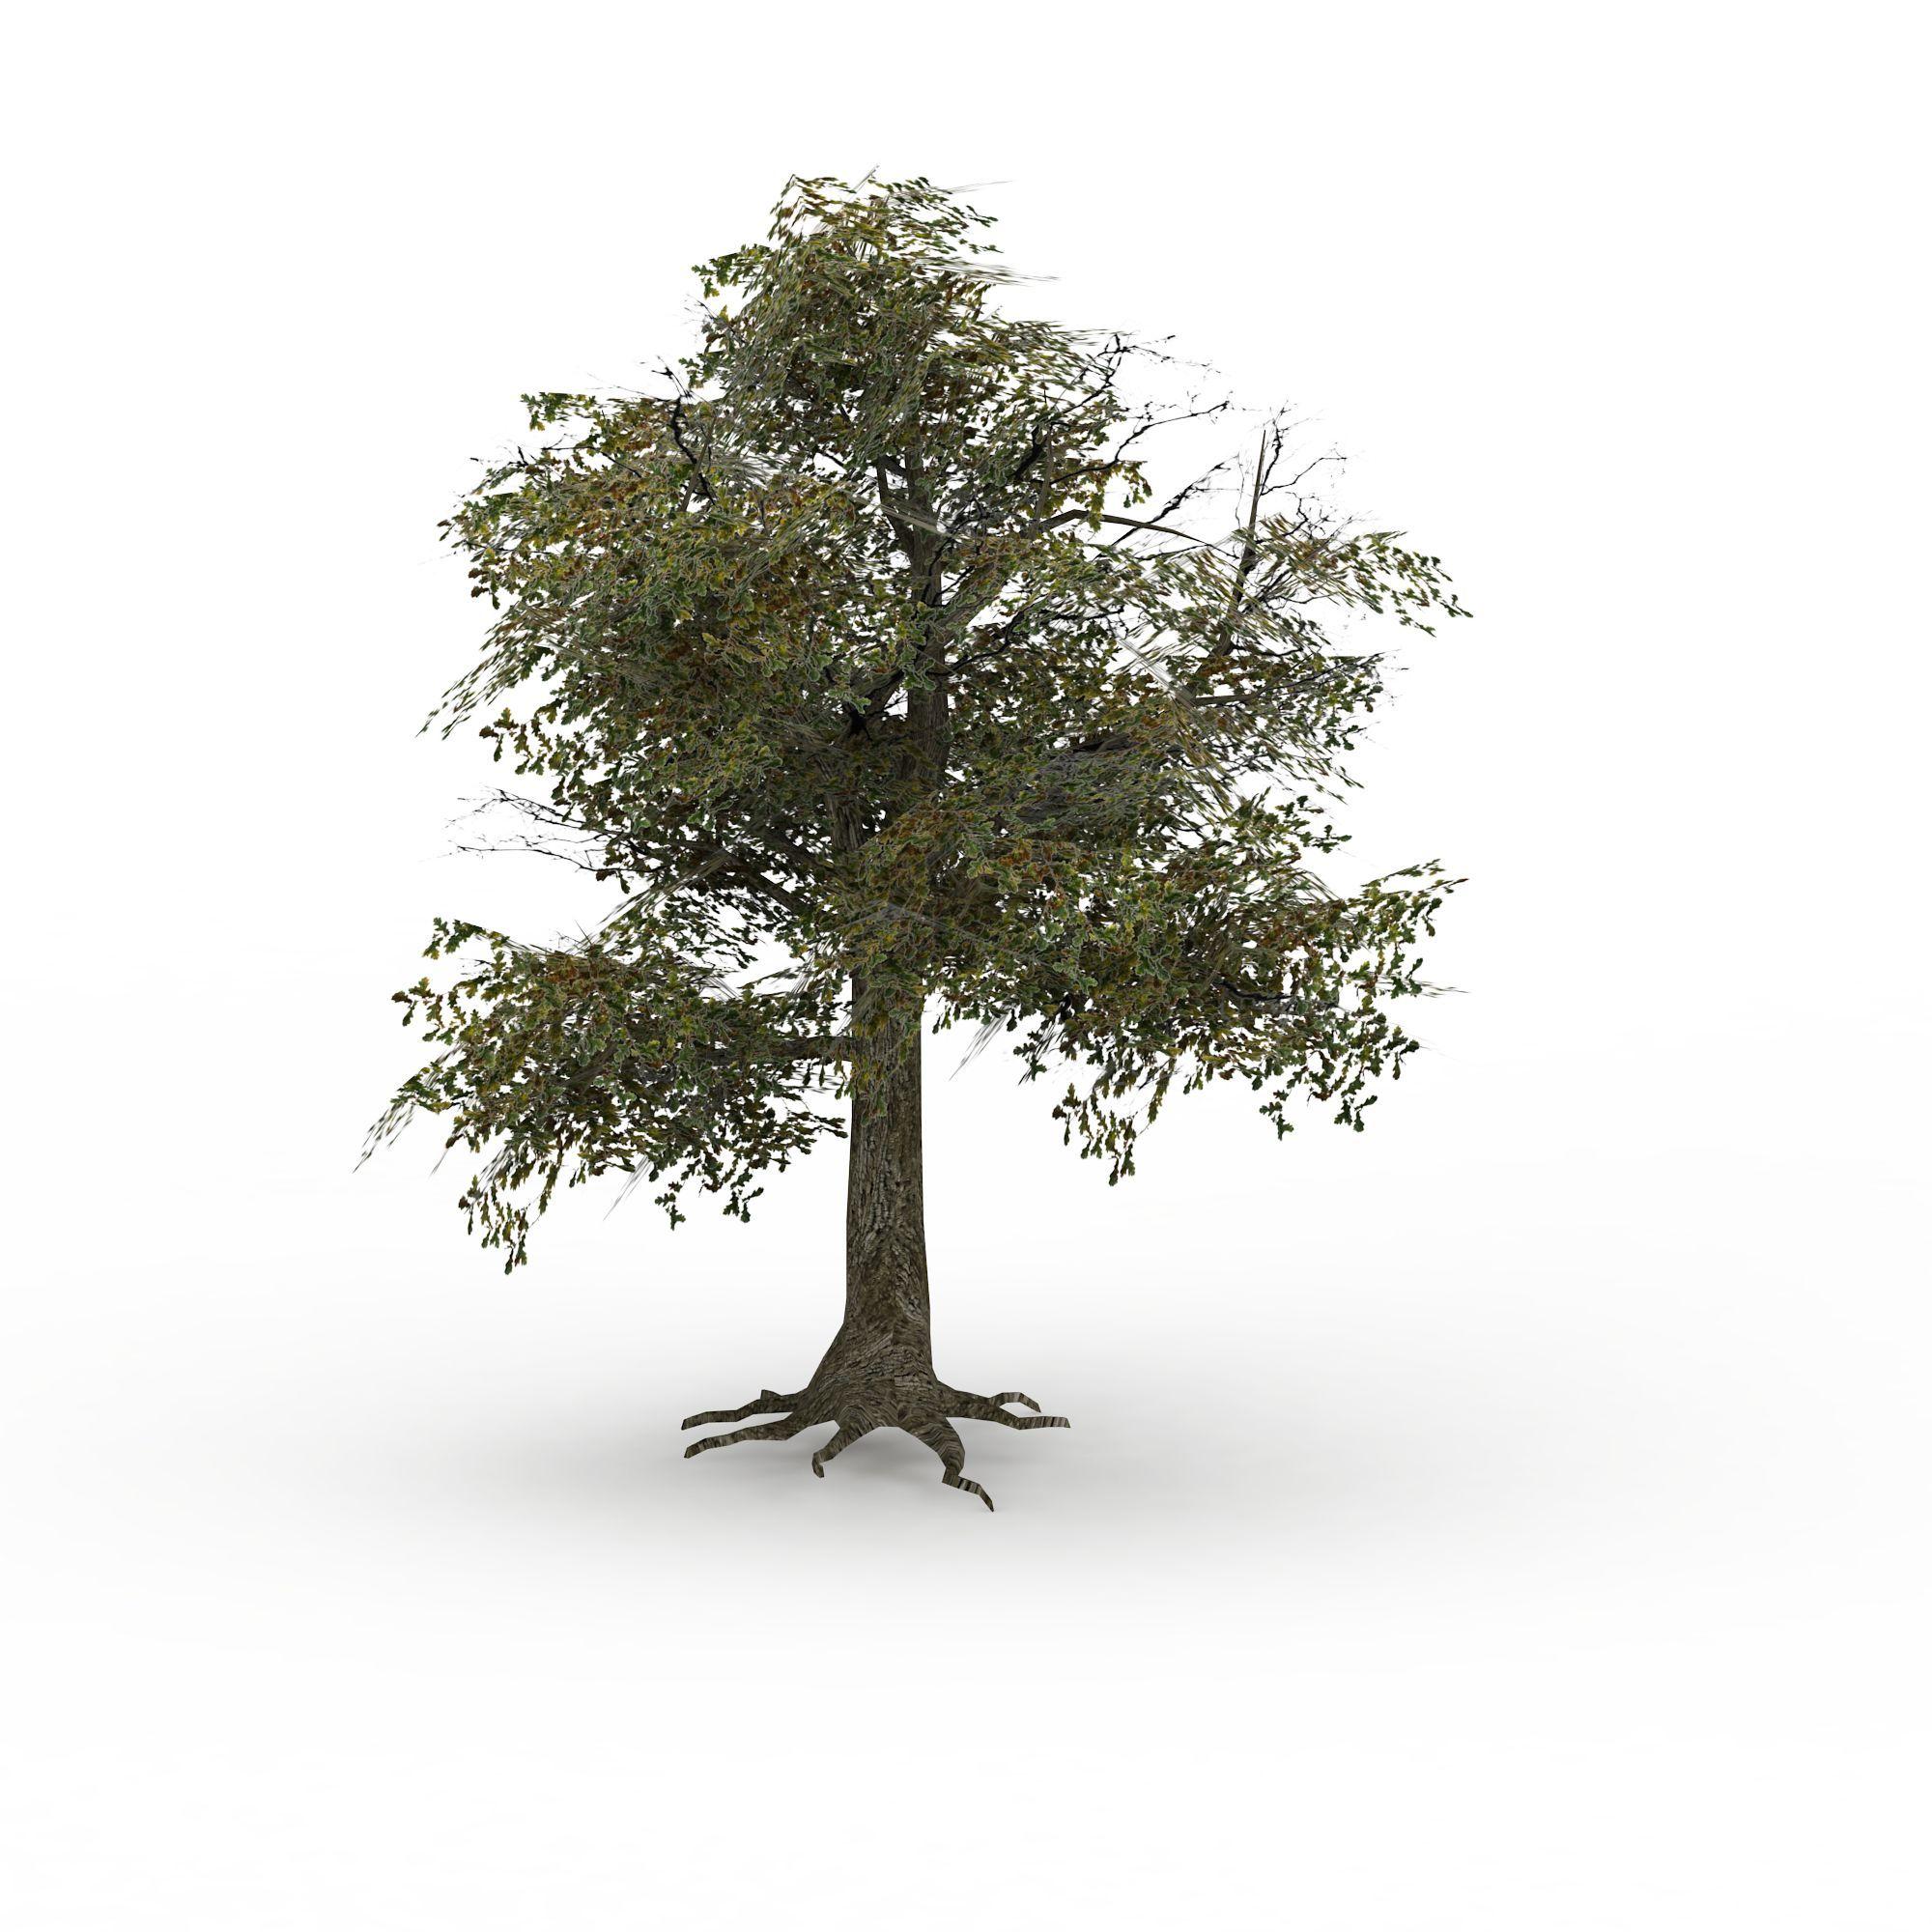 游戏场景树图片_游戏场景树png图片素材_游戏场景树图